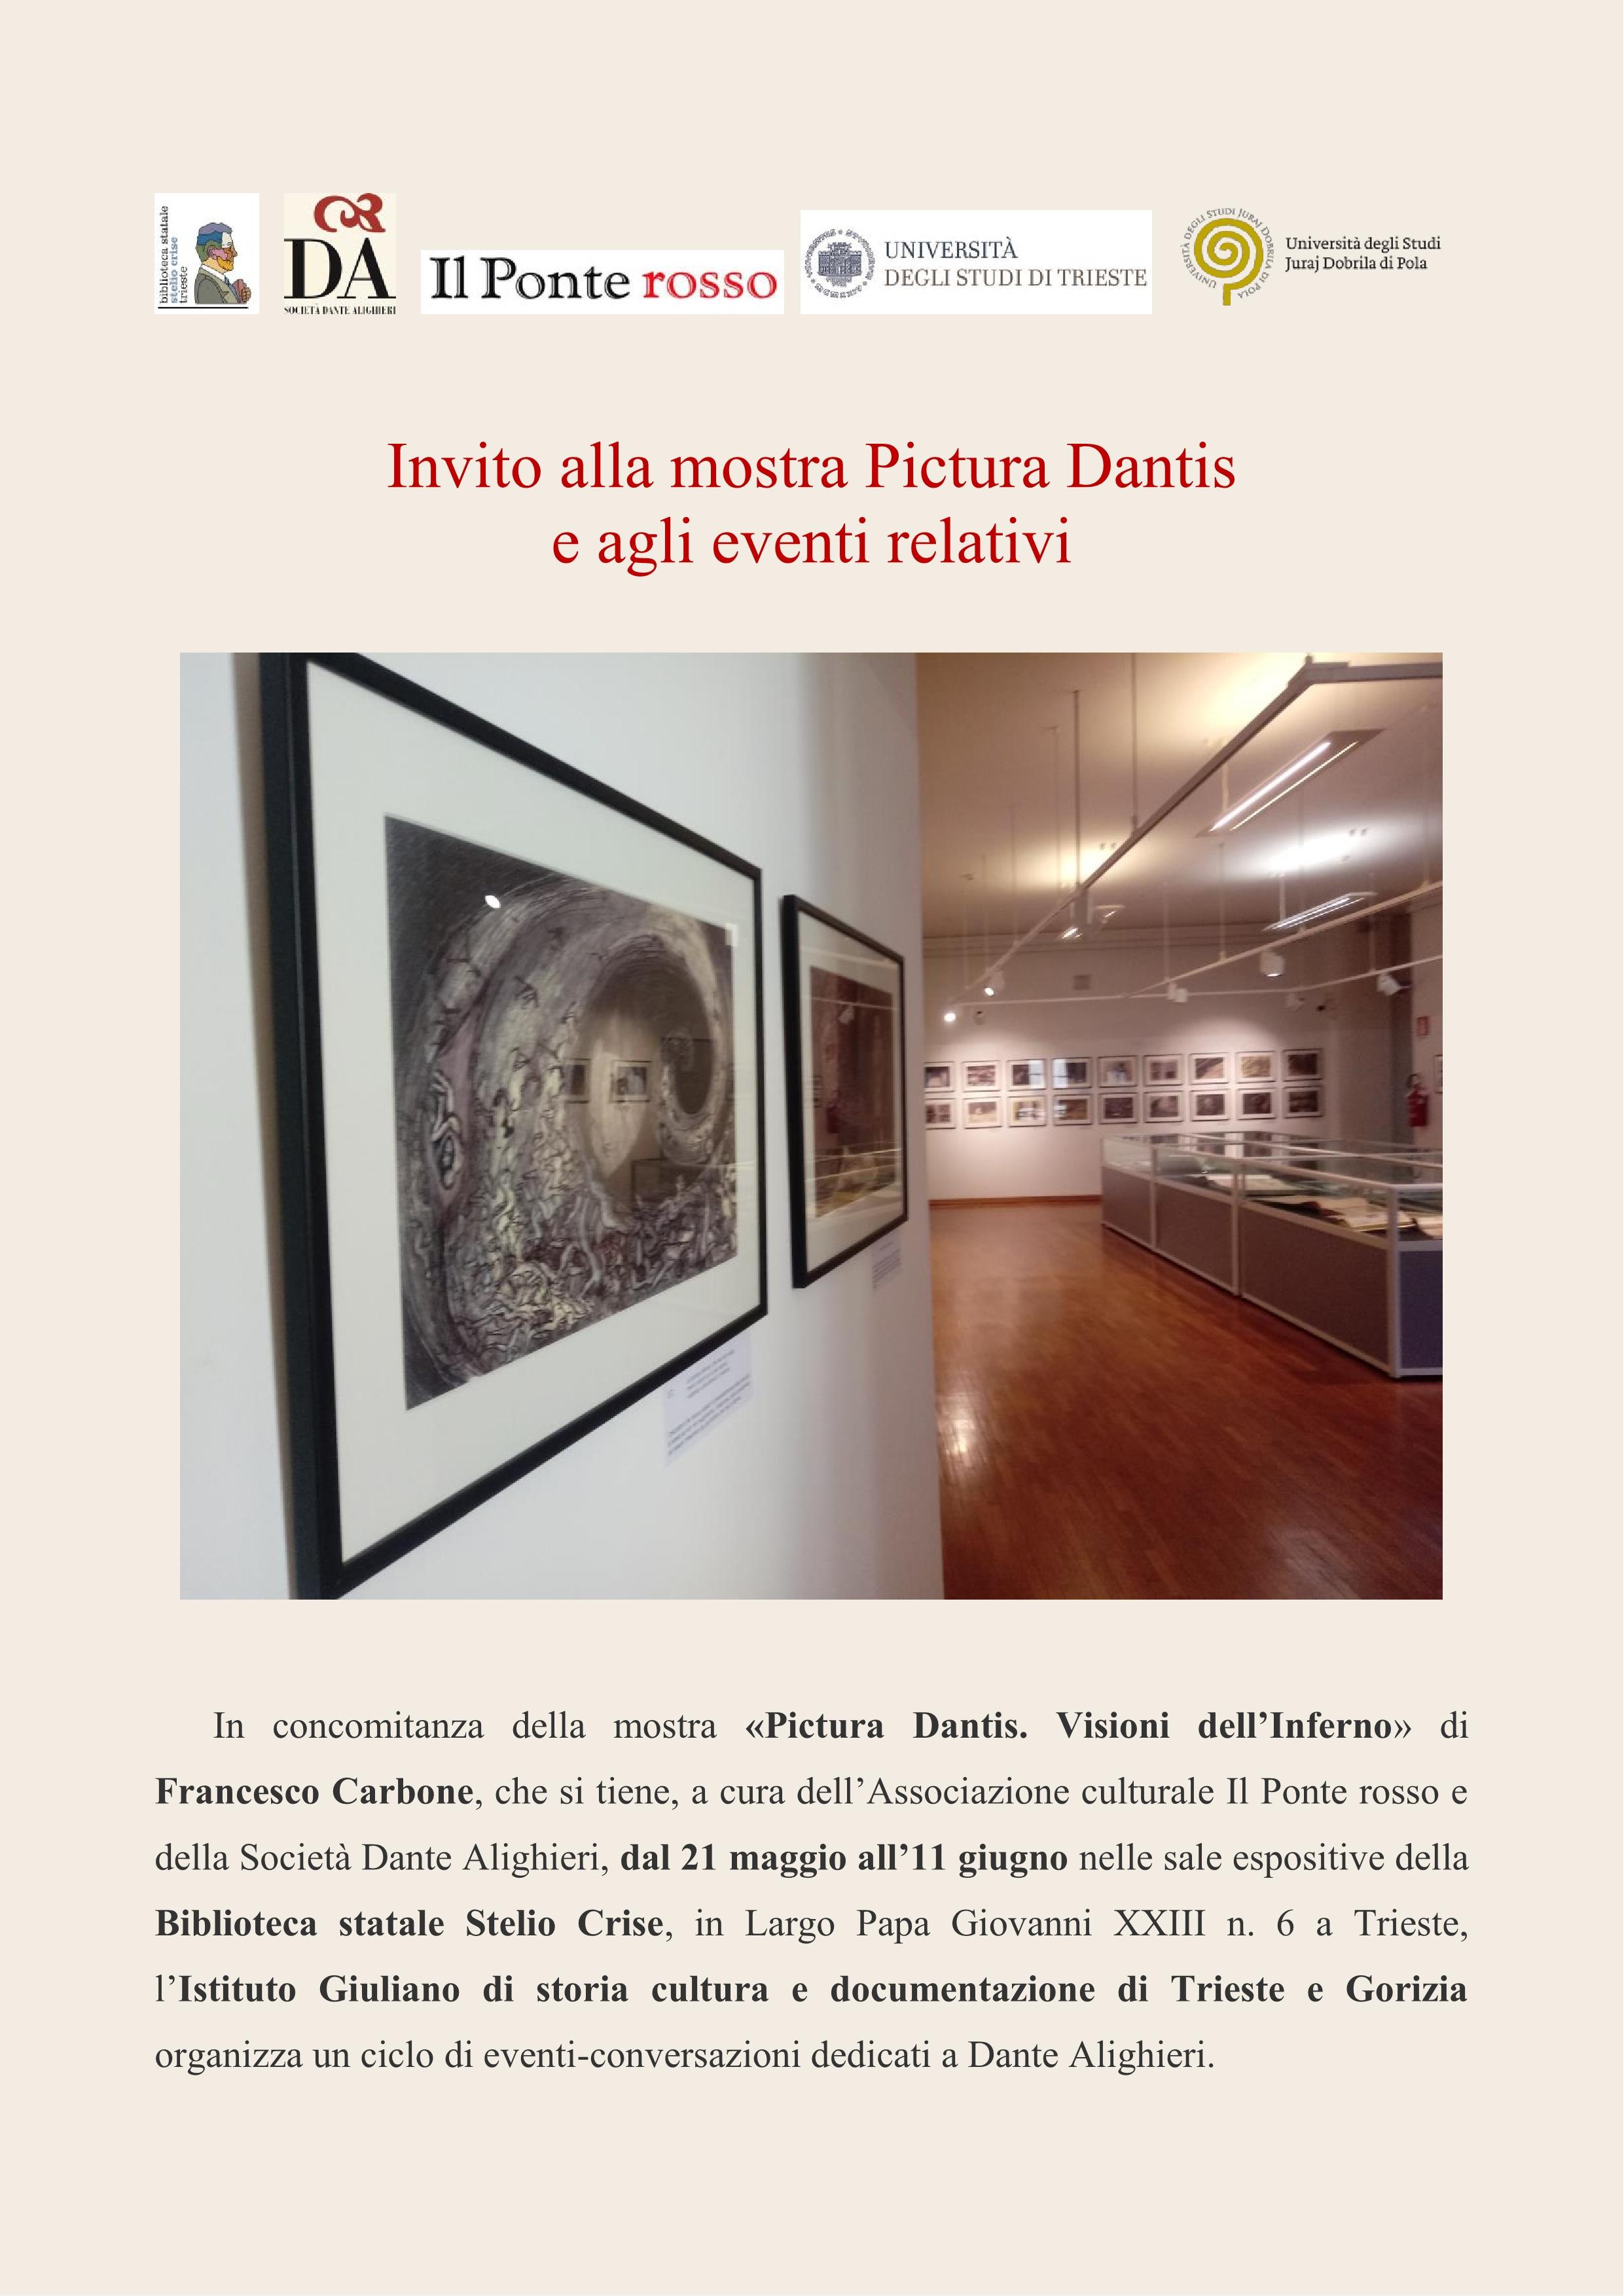 PONTE ROSSO INVITO MOSTRA E EVENTI PICTURA DANTIS1